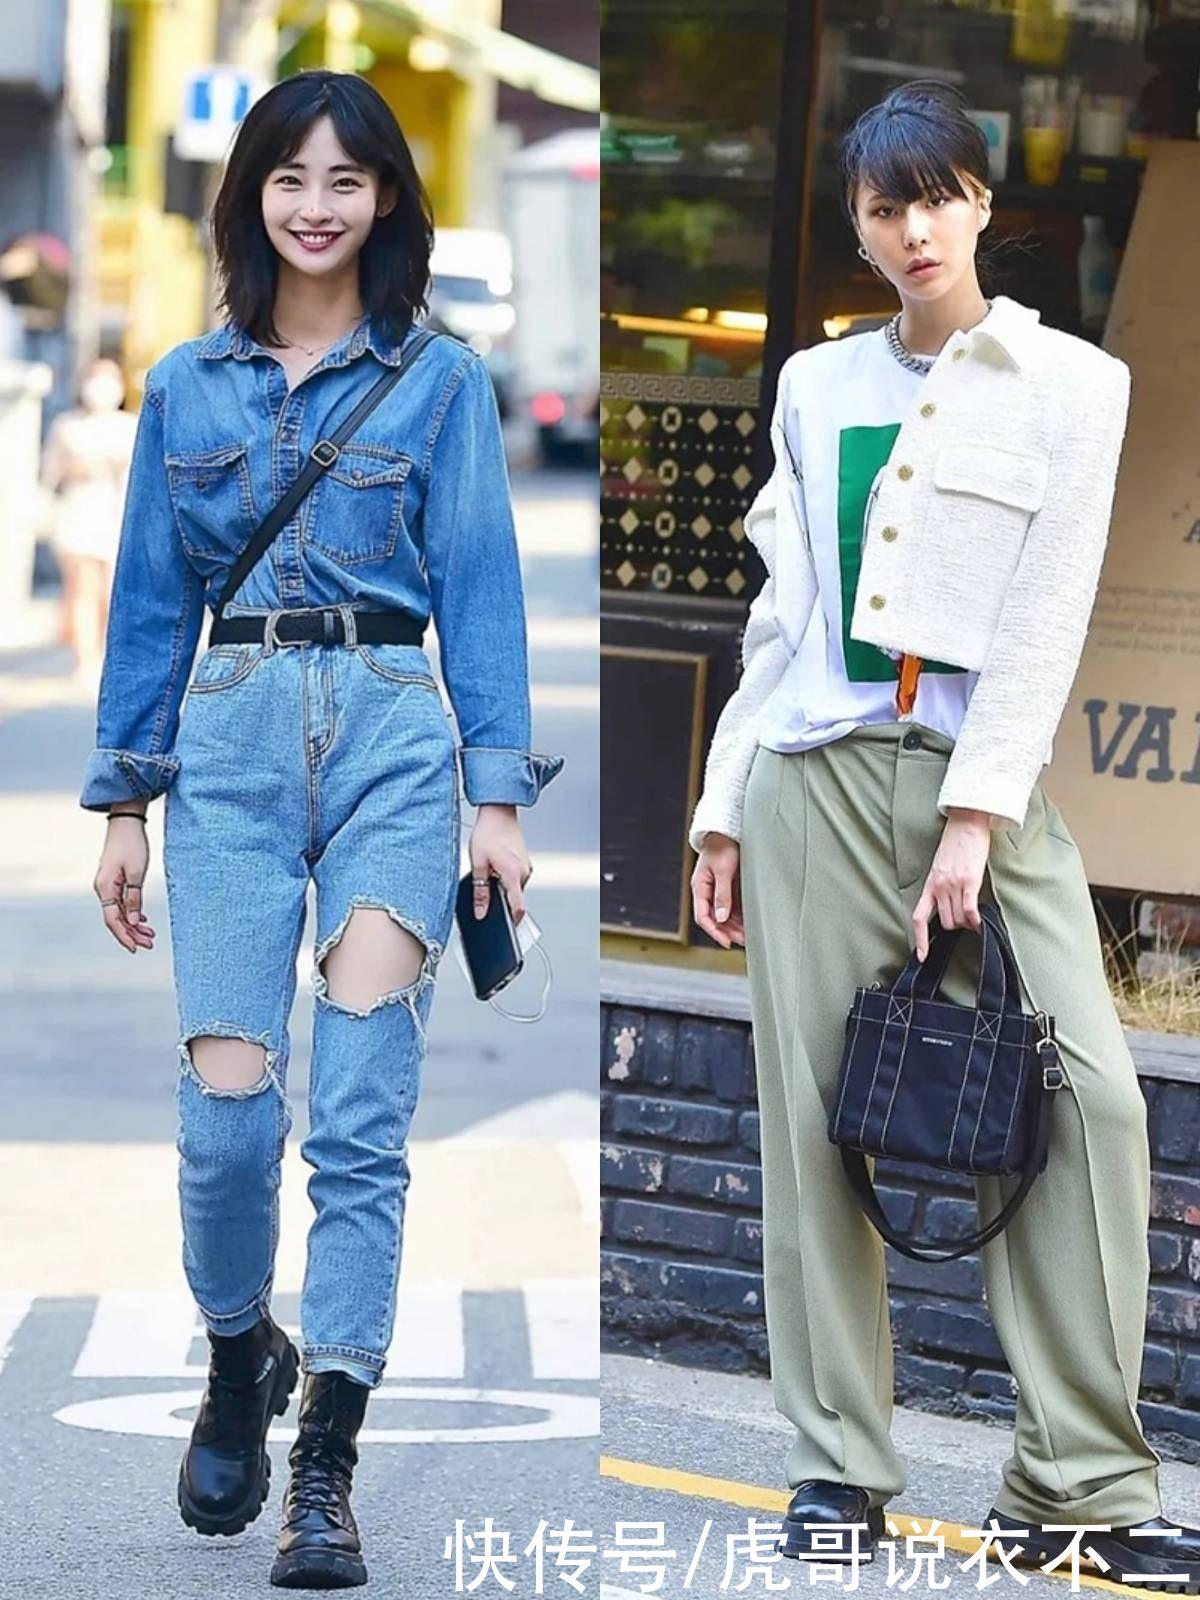 看完韓國美女的街拍才明白,好衣品比顏值更重要,照著穿潮爆街頭